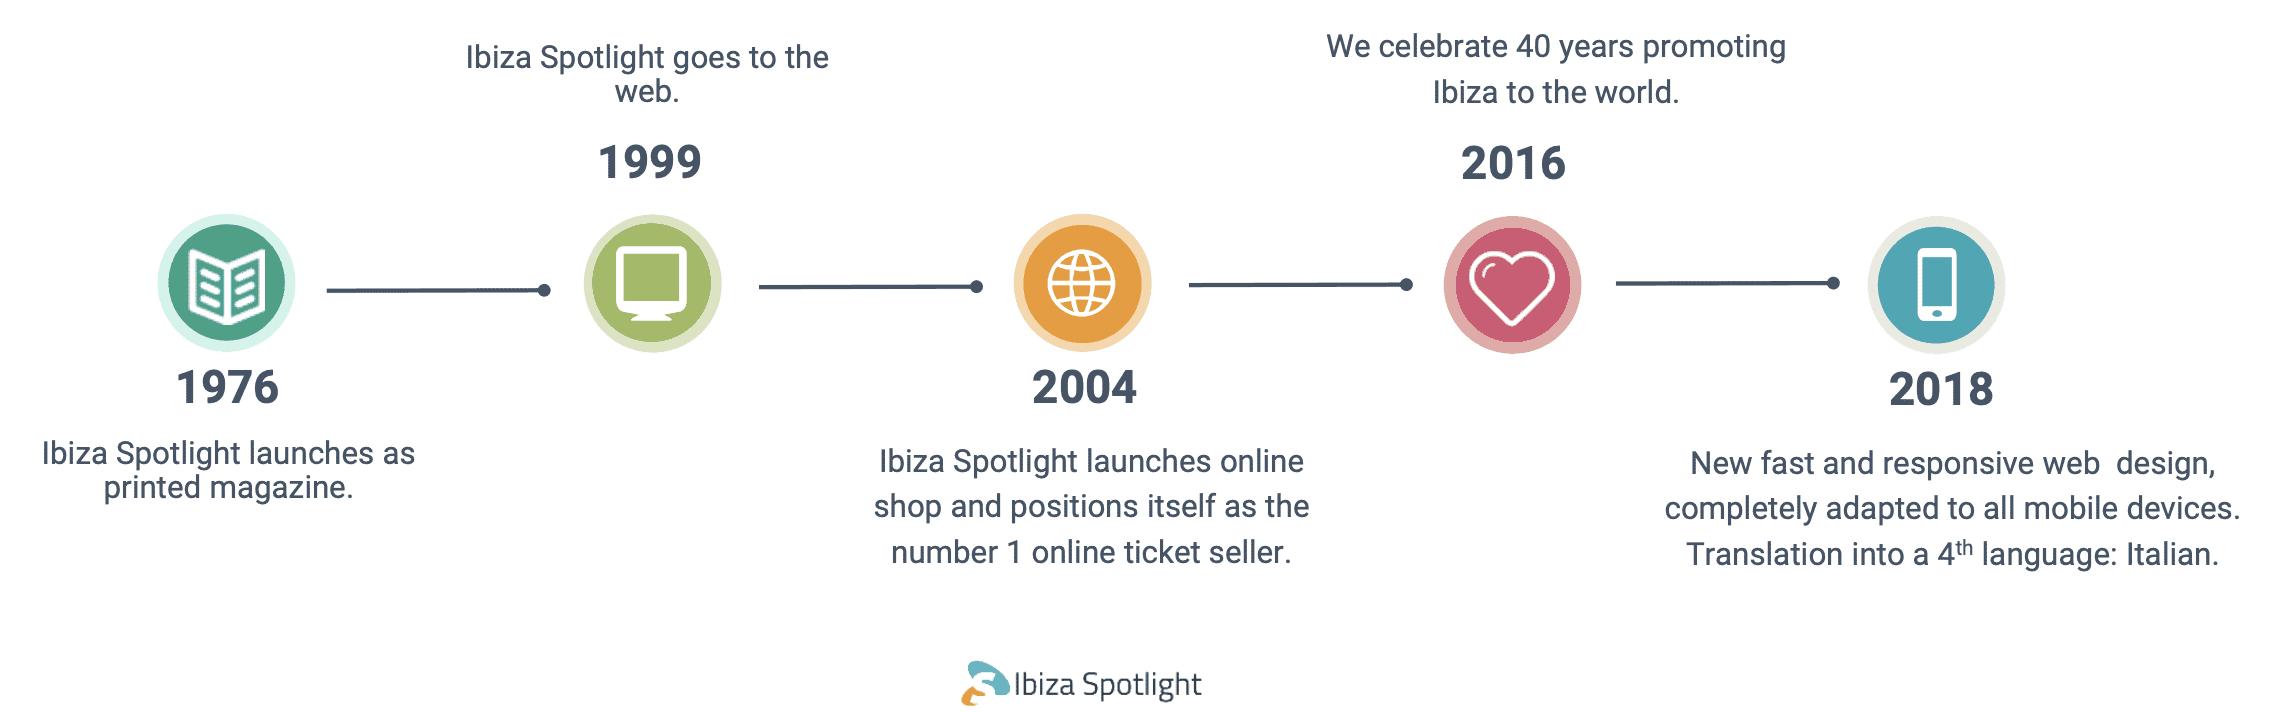 Ibiza Spotlight Review 2